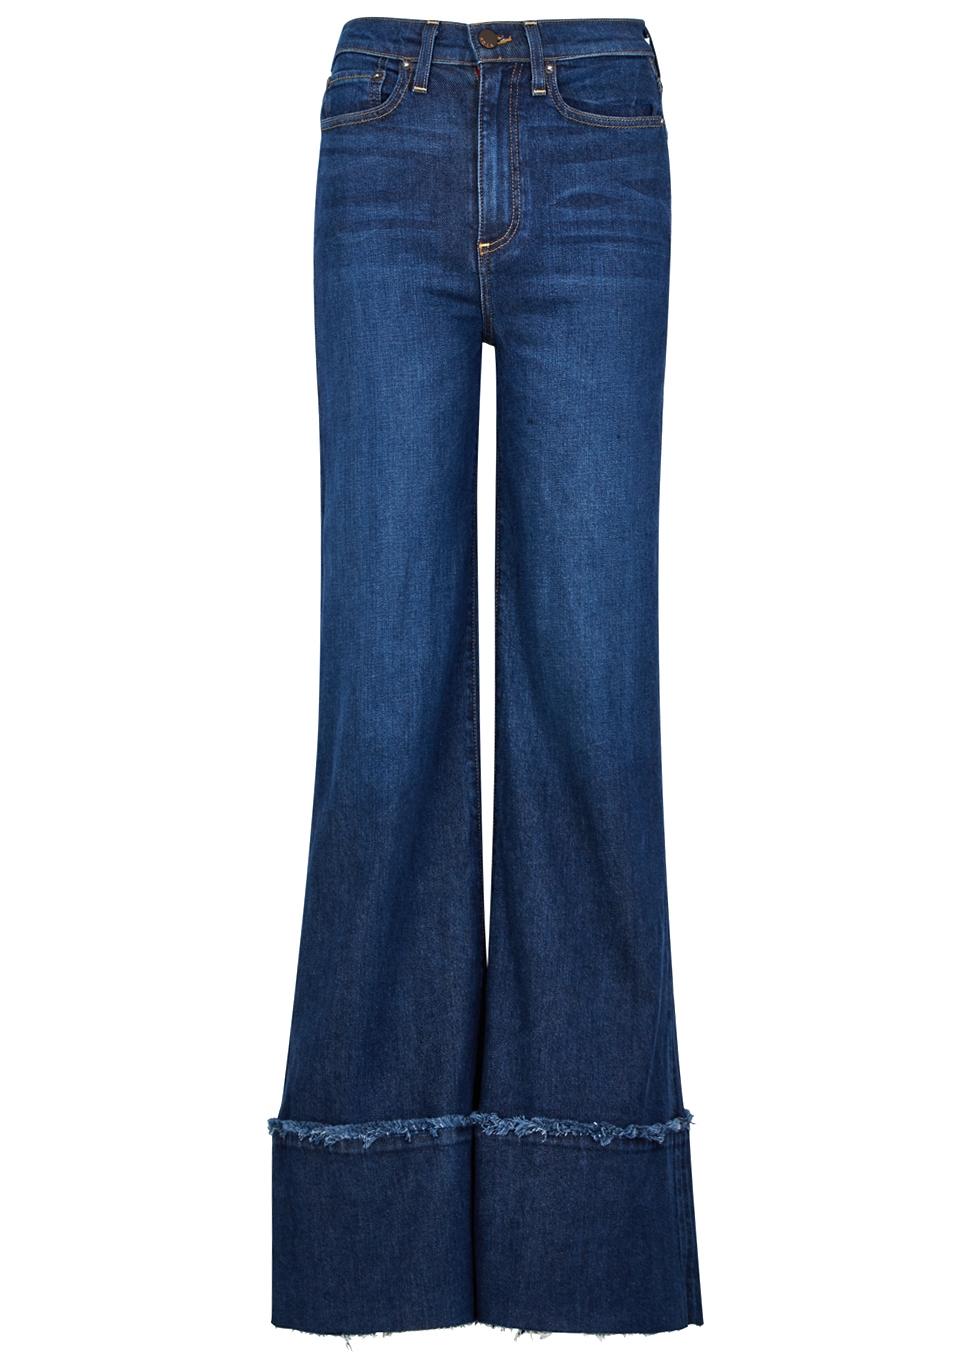 AO.LA Ao. La So Clever Blue Wide-Leg Jeans in Denim